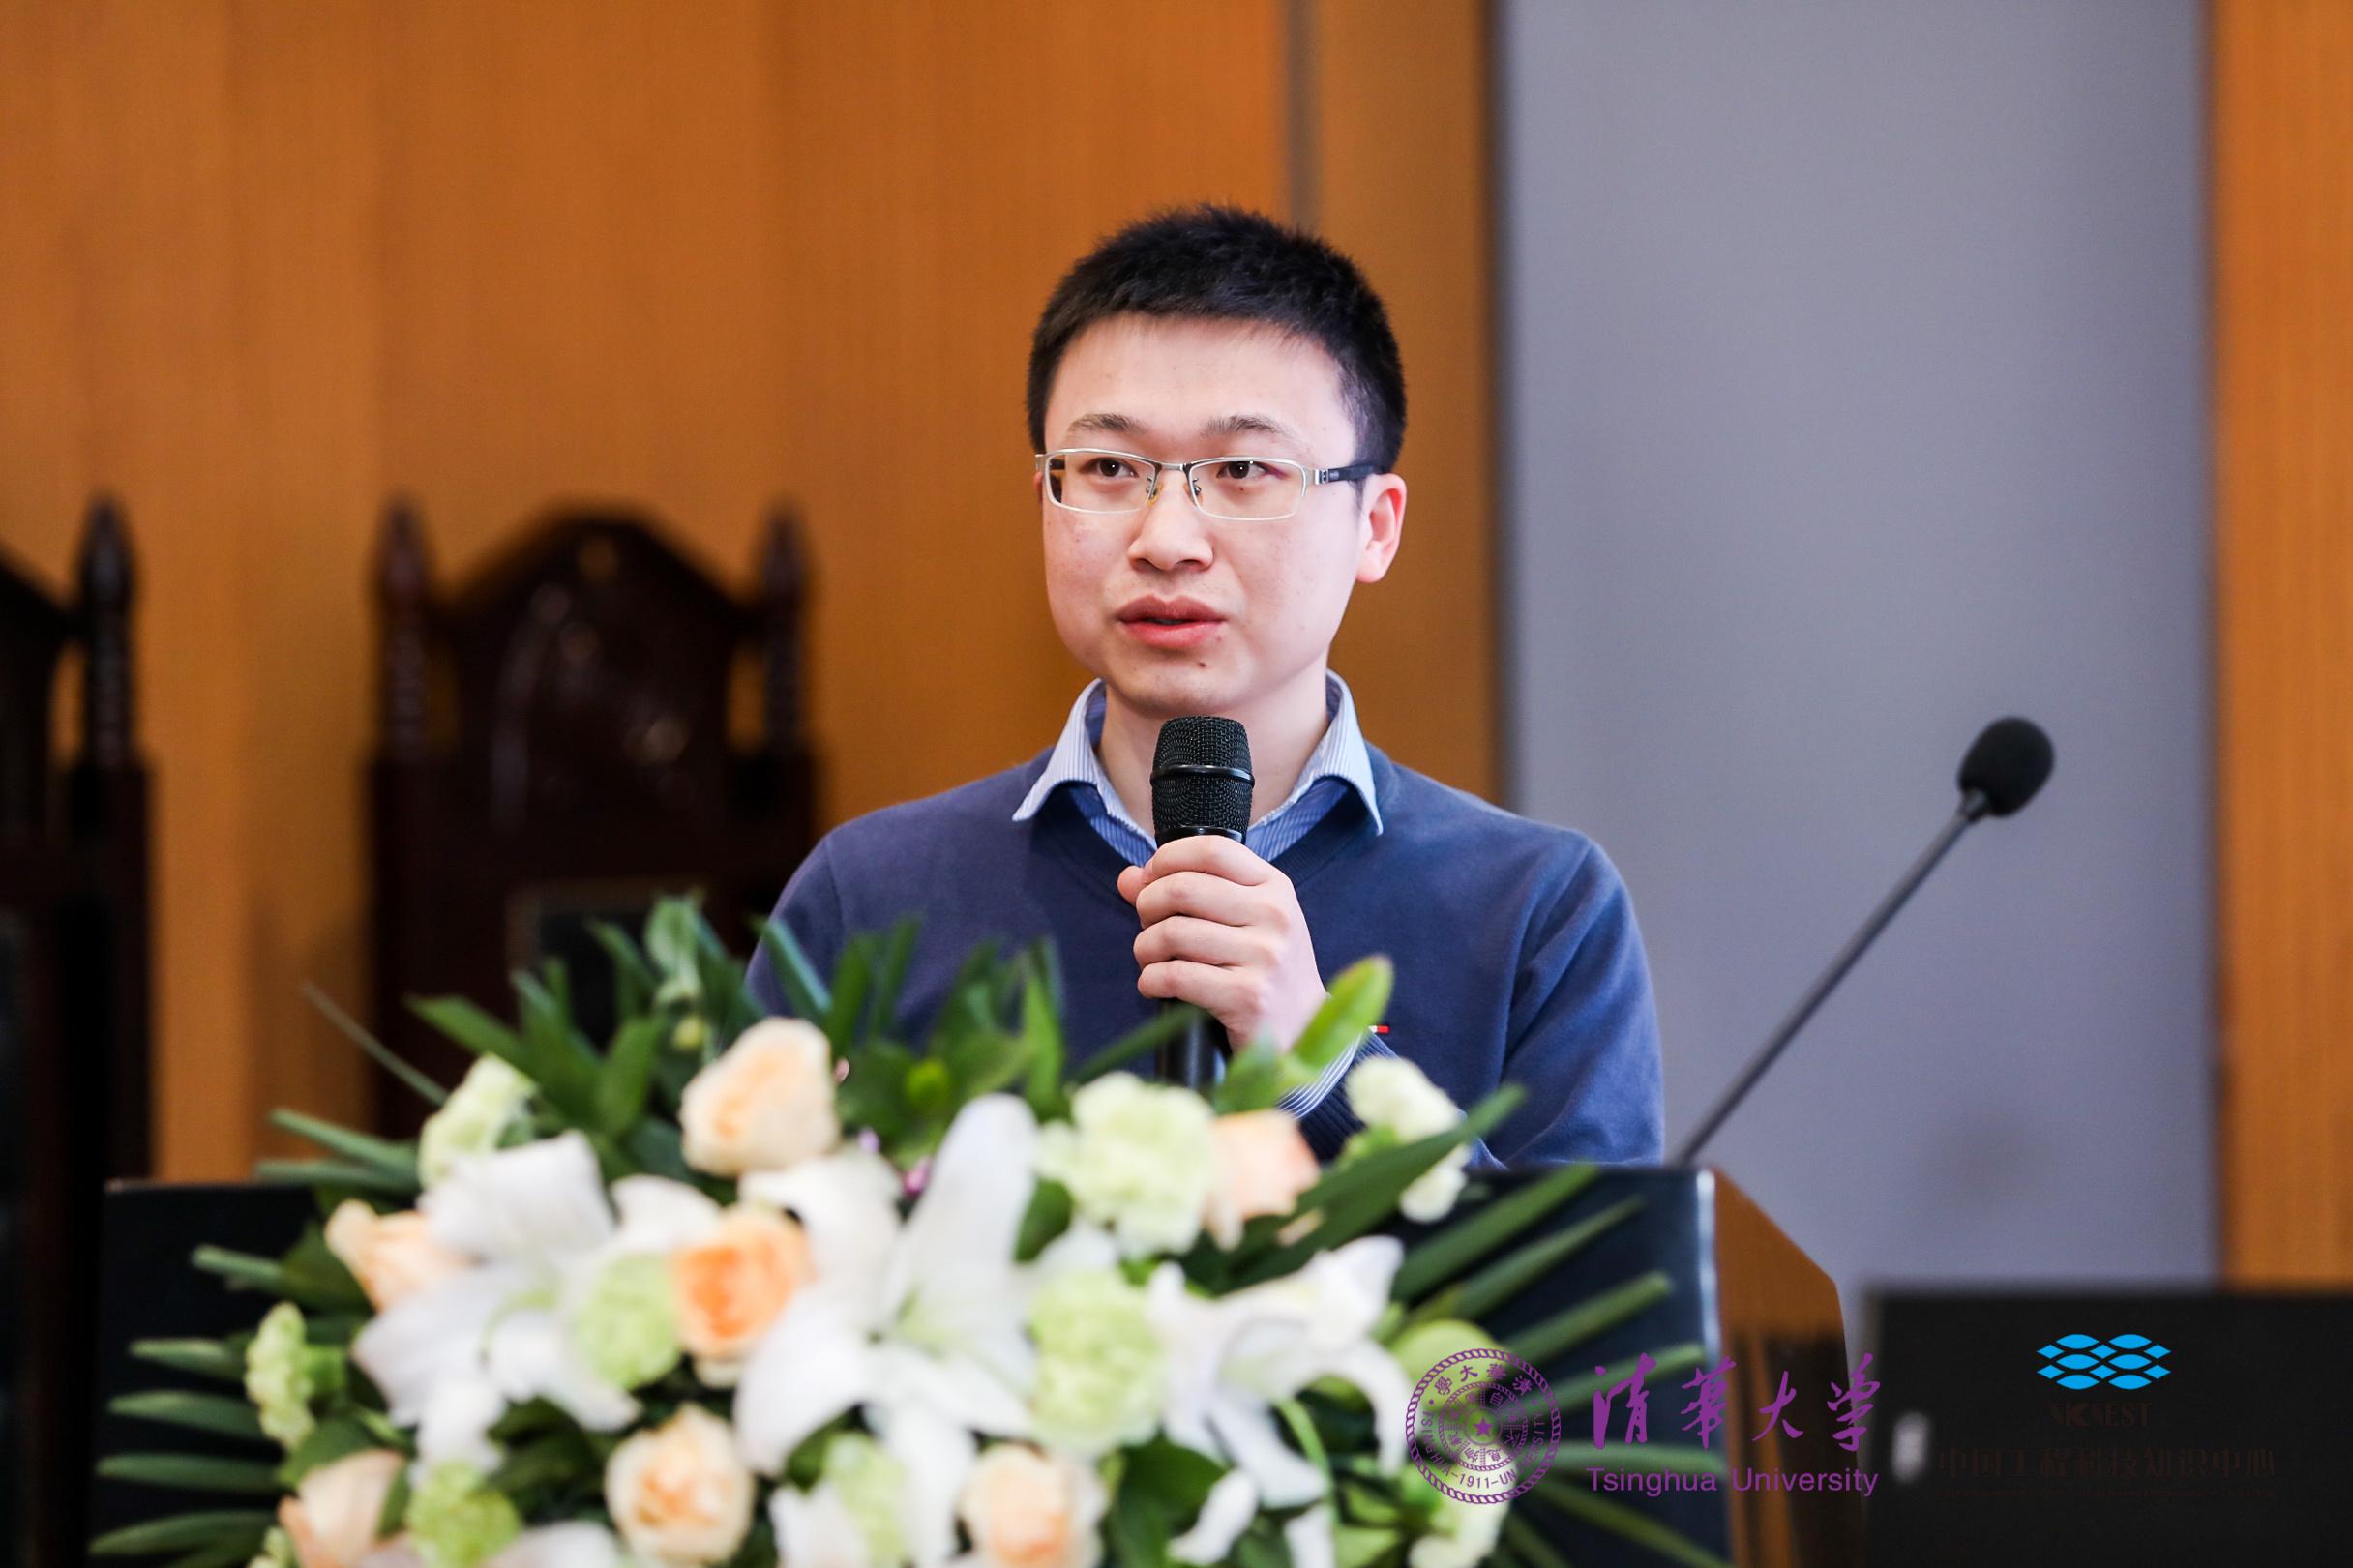 图注:黄高在清华大学发表学术报告